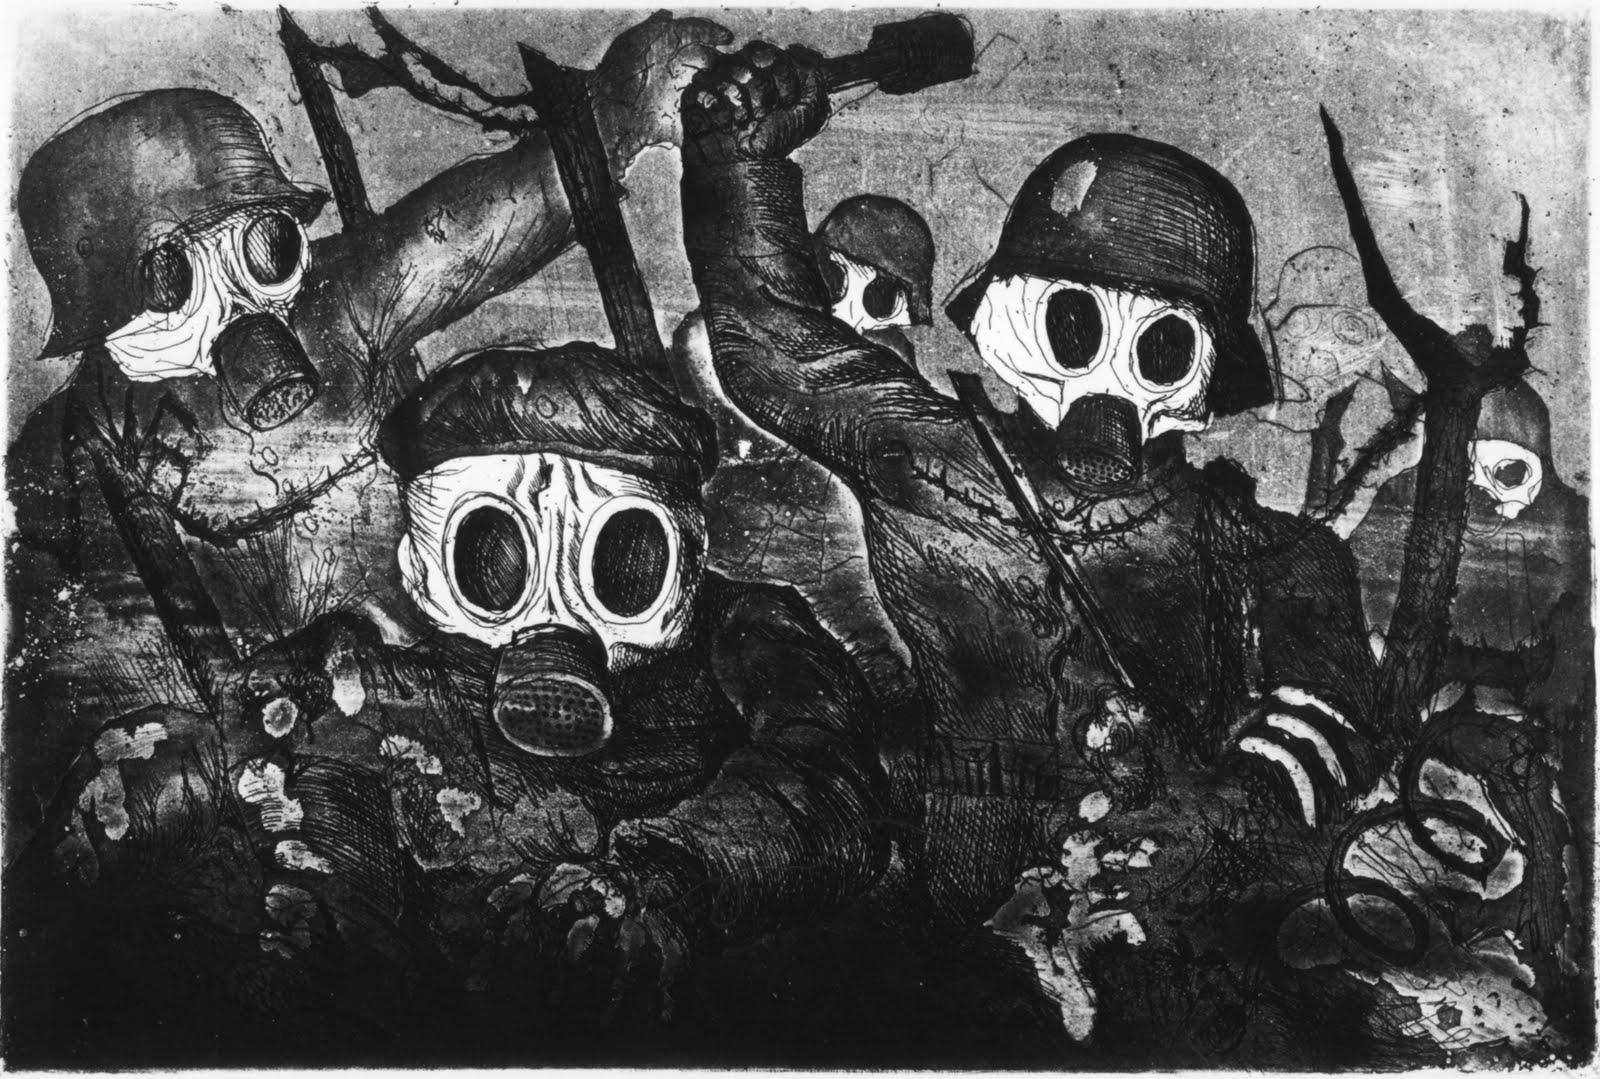 La guerre chimique 03d0fb0167bafc839926a4ade9fa720e